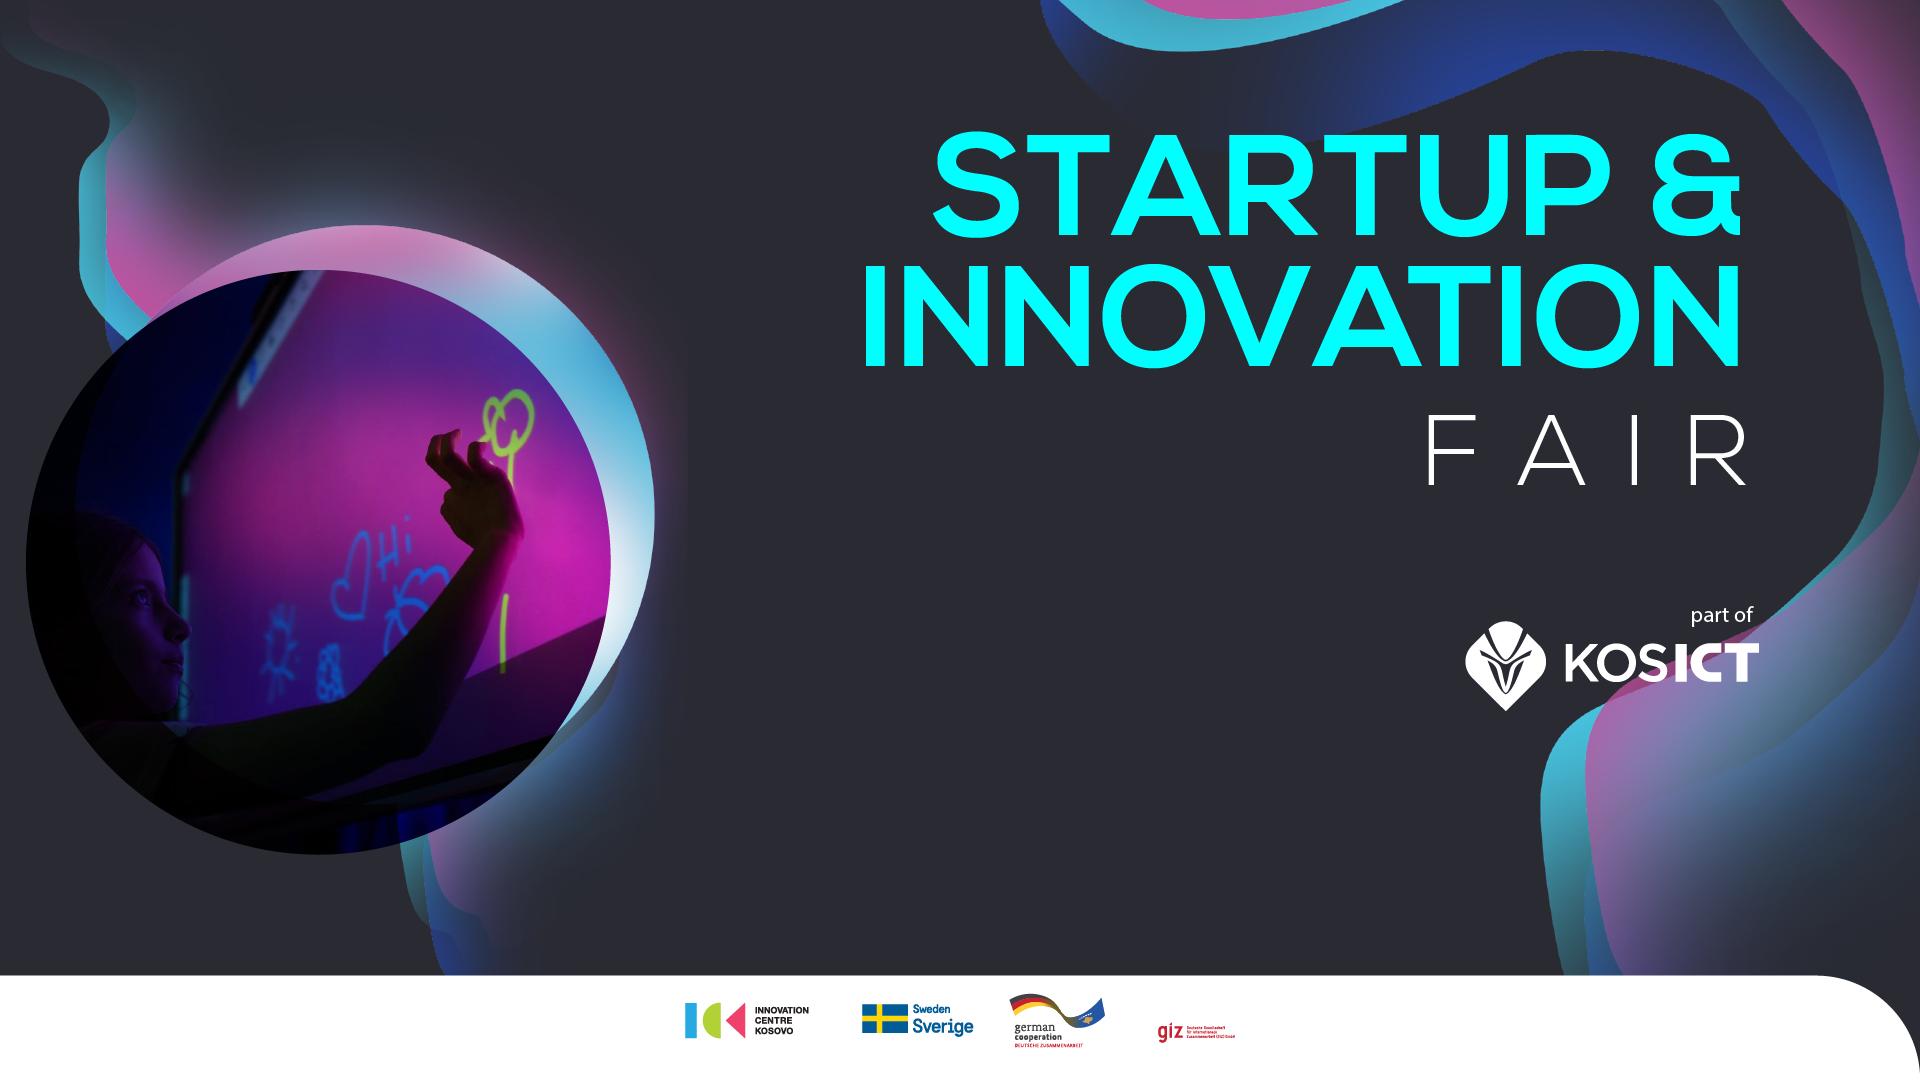 Startup & Innovation Fair 2019